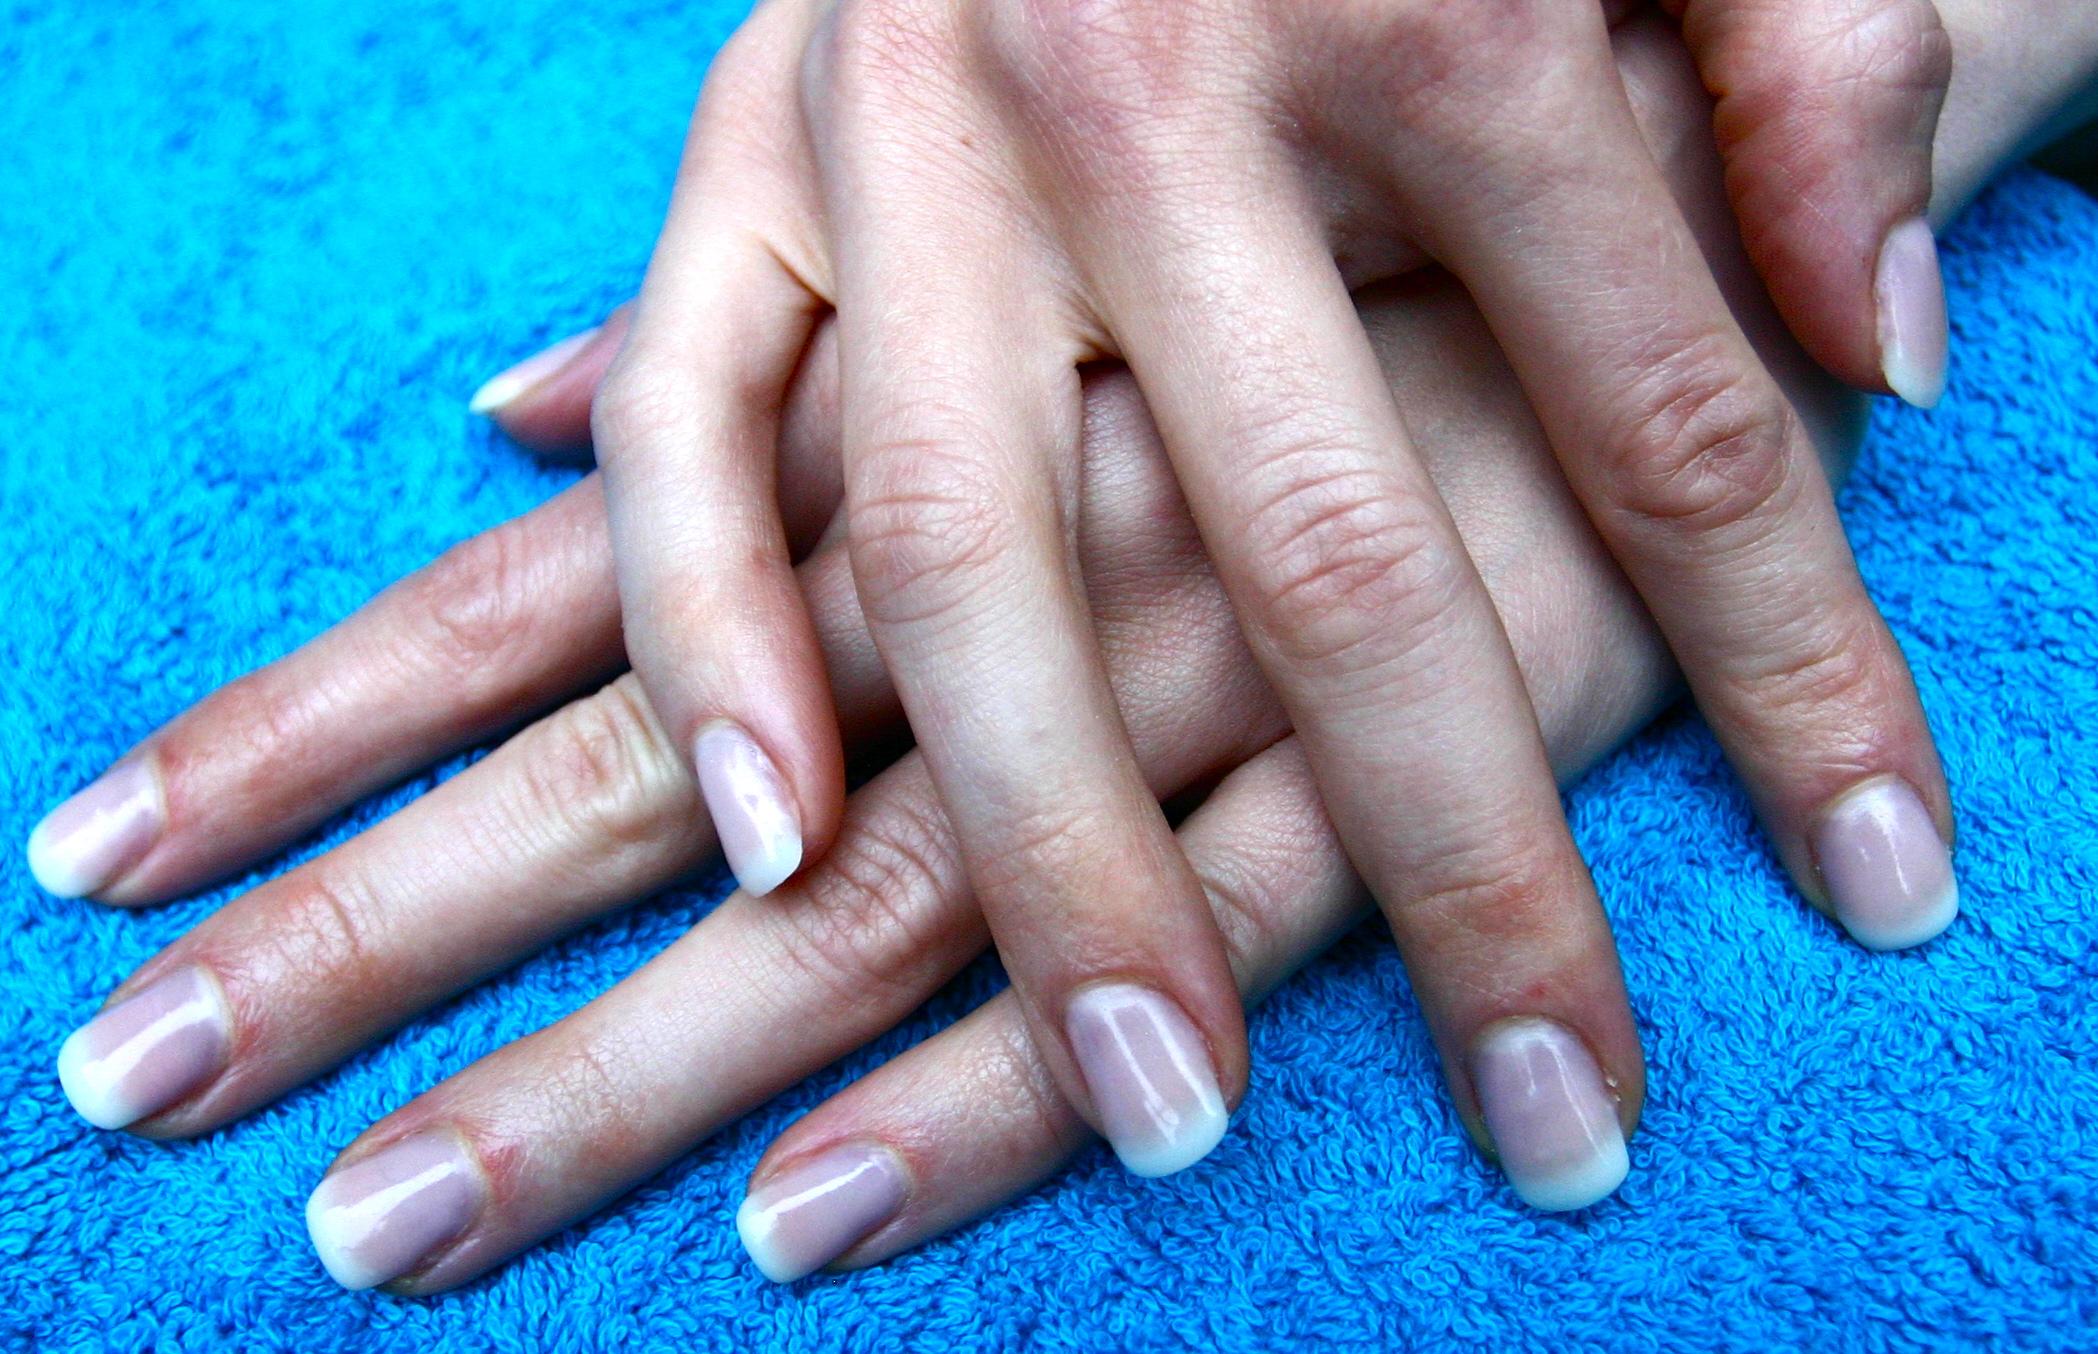 zoya_naked_manicure-3 - Wasting Lifestyle